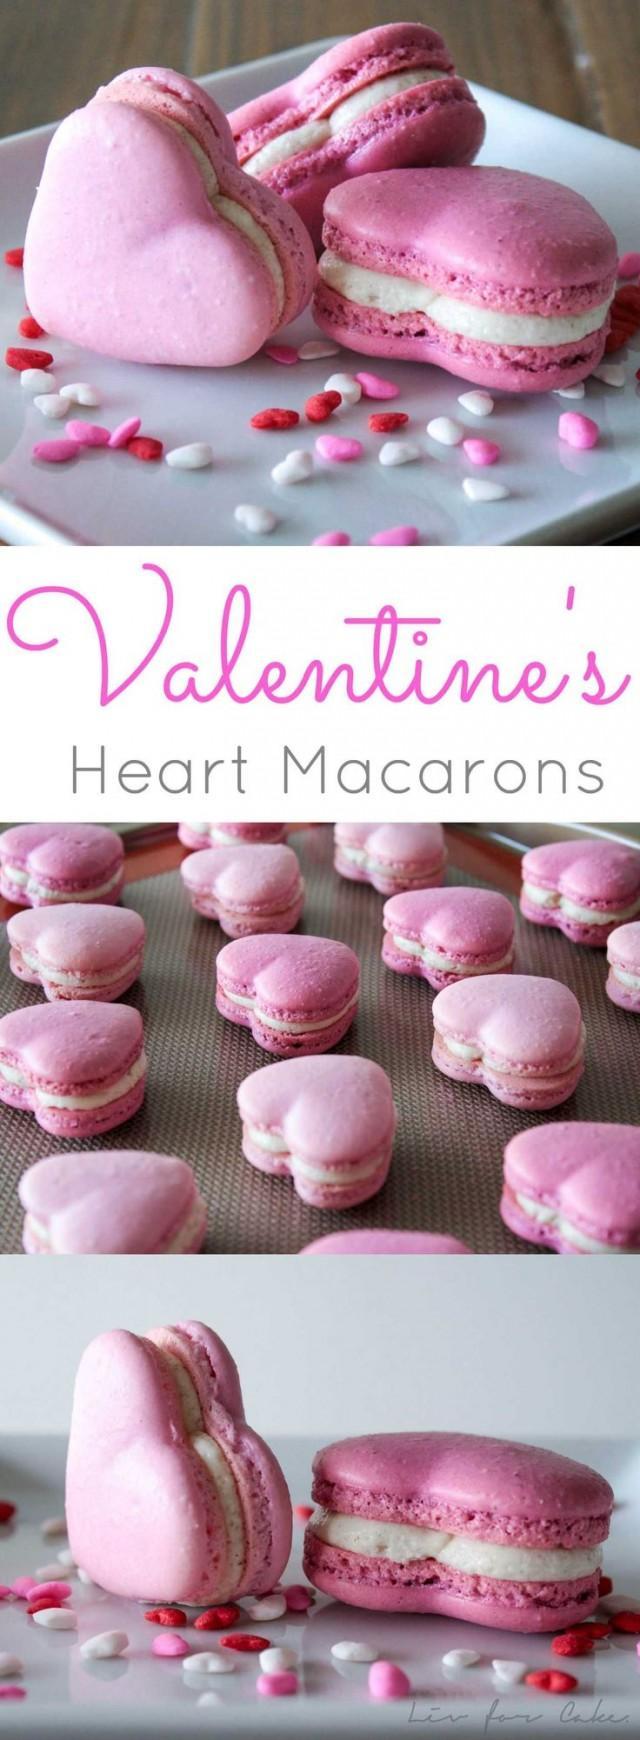 Hochzeits Thema Valentines Heart Macarons 2487511